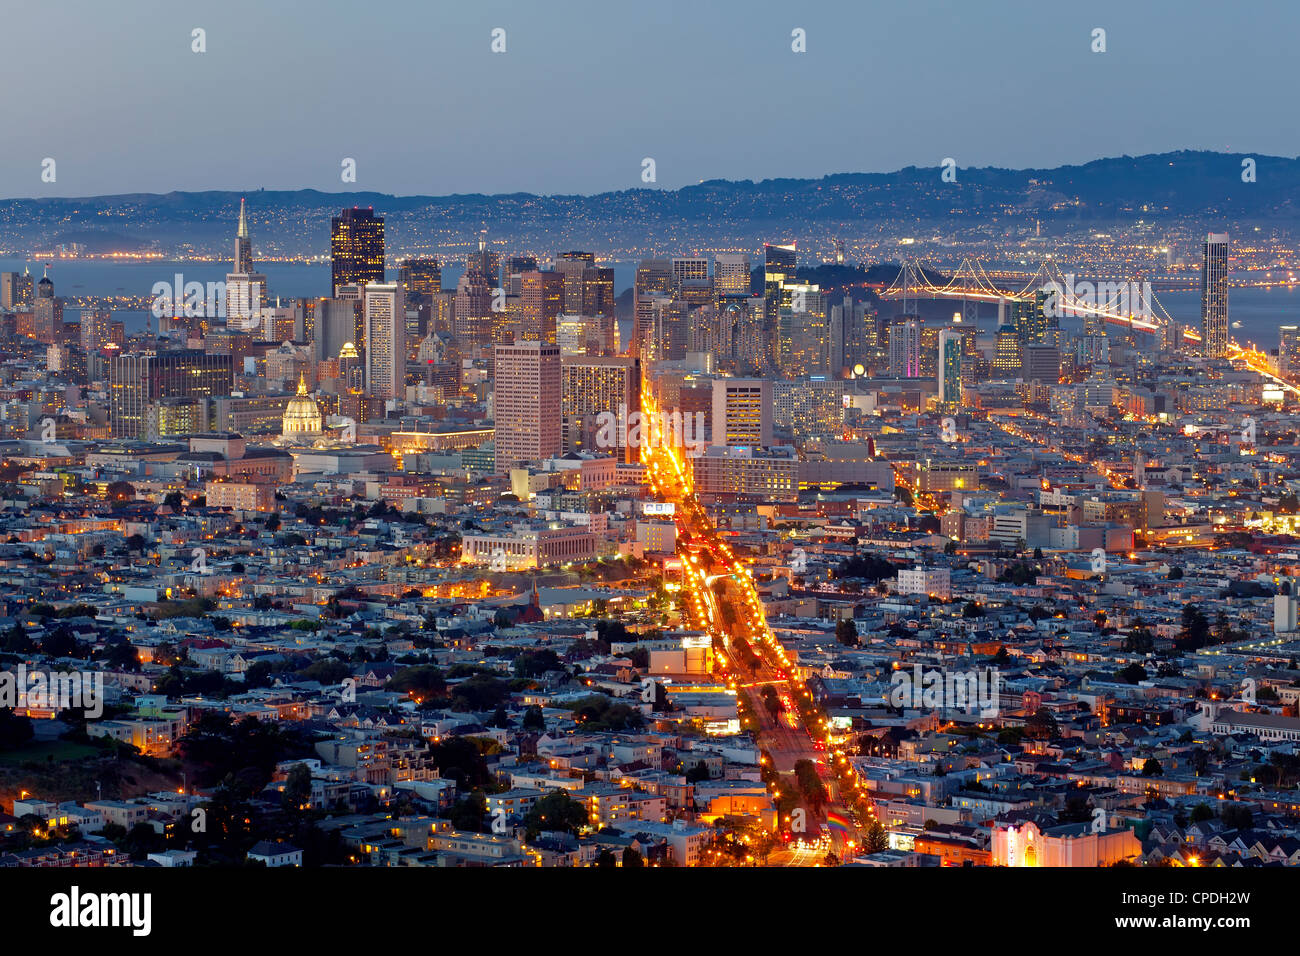 Vue sur les toits de la ville de Twin Peaks, San Francisco, Californie, États-Unis d'Amérique, Amérique du Nord Banque D'Images